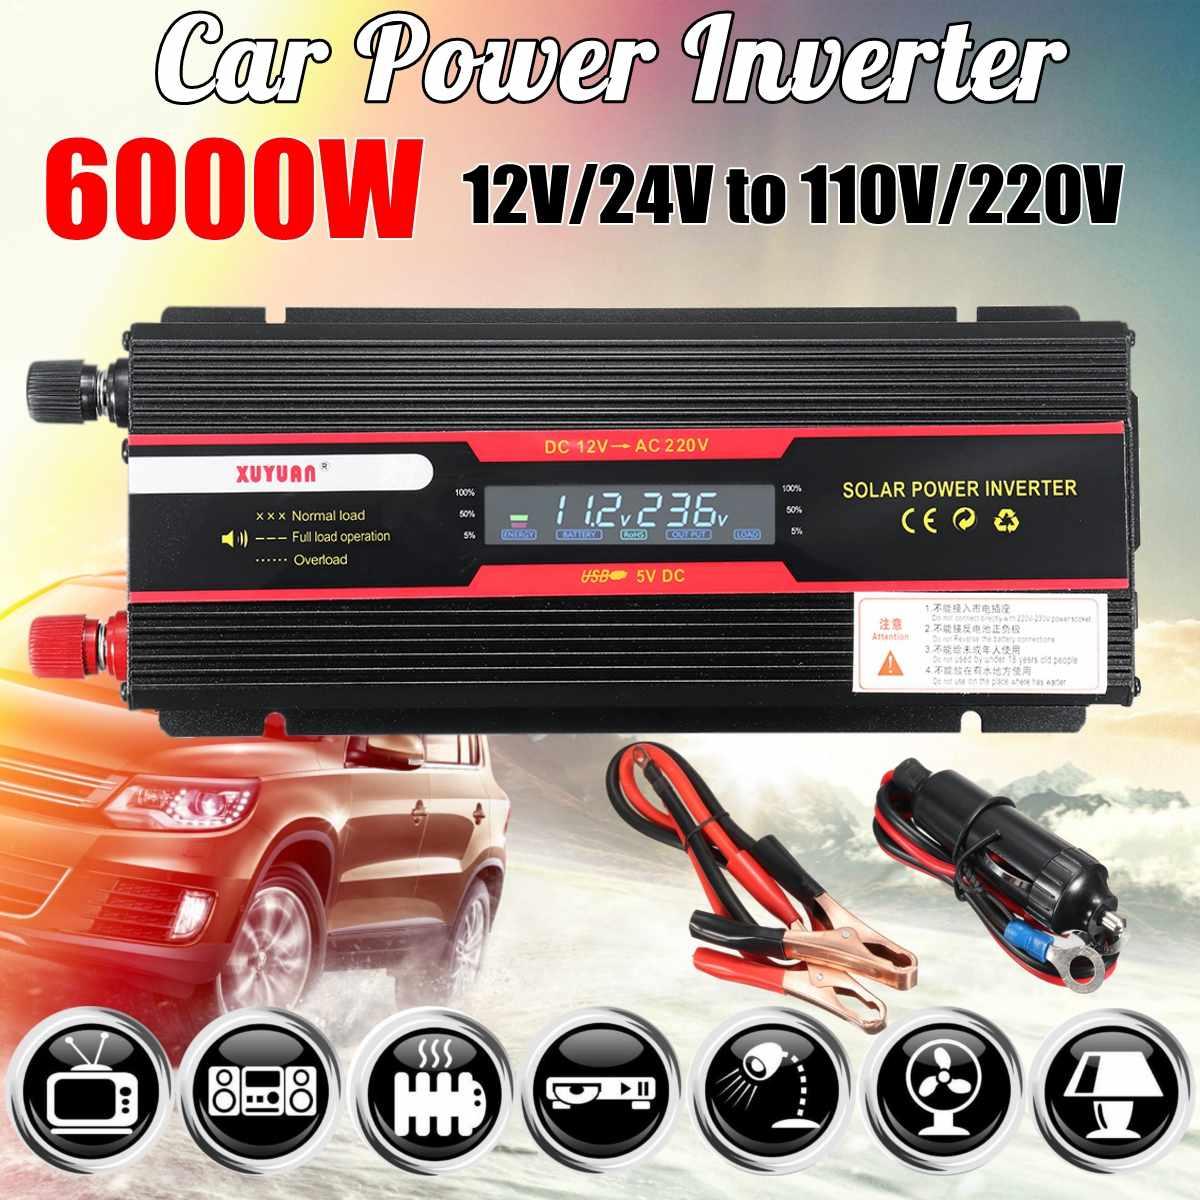 Inverseur de voiture 12 V 220 V 5000 W/6000 W P eak convertisseur de tension convertisseur transformateur 12 V/24 V à 110 V/220 V Inversor + écran LCD